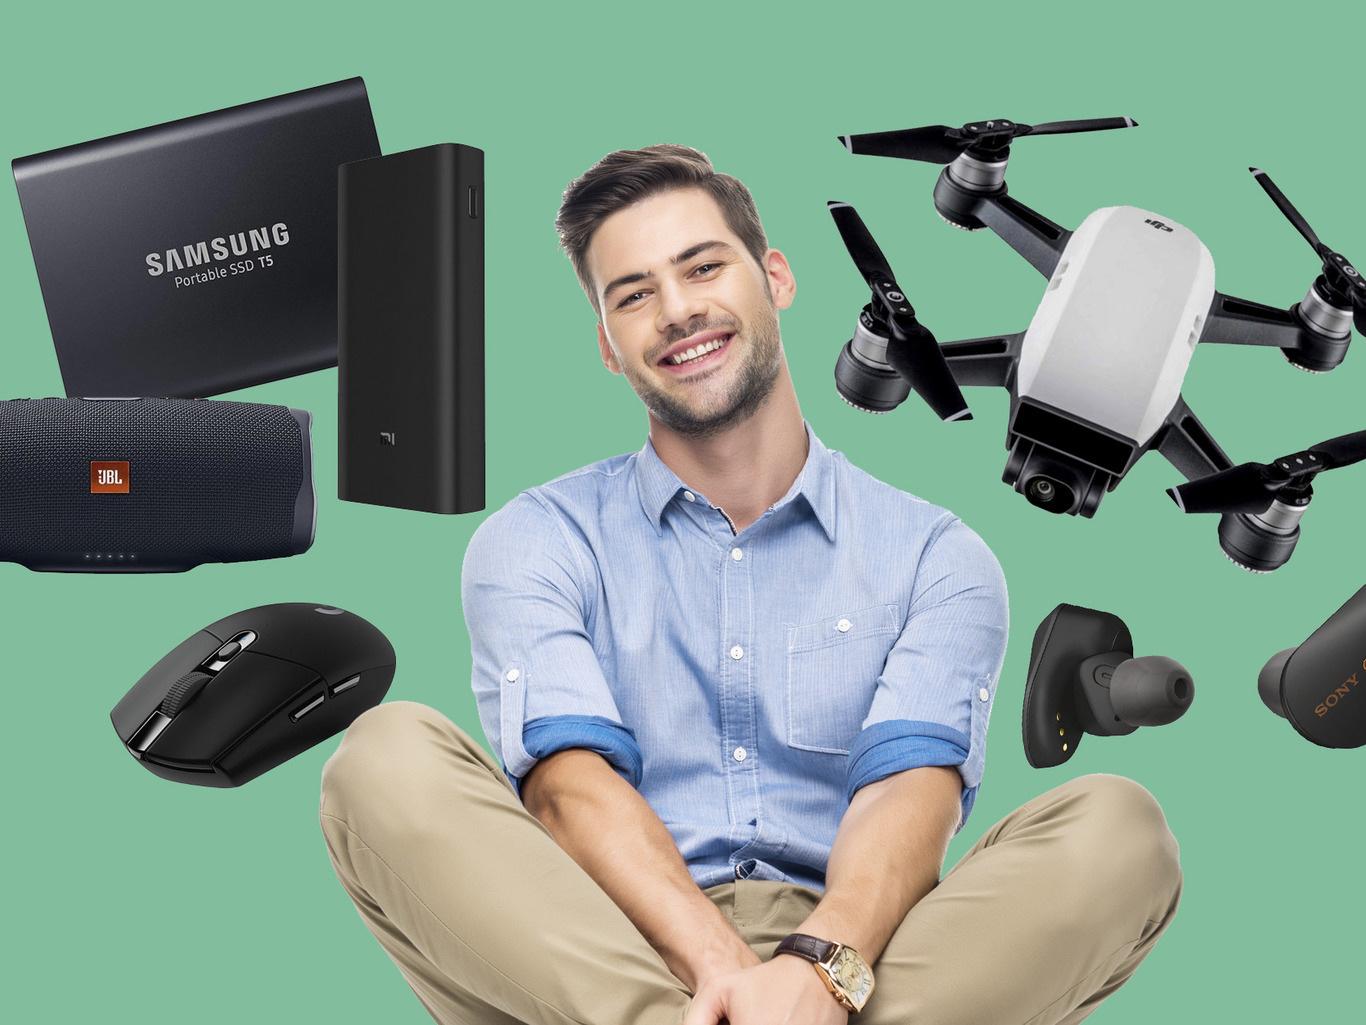 «Боевой арсенал» современного мужчины: электробритва, умные часы и другие гаджеты